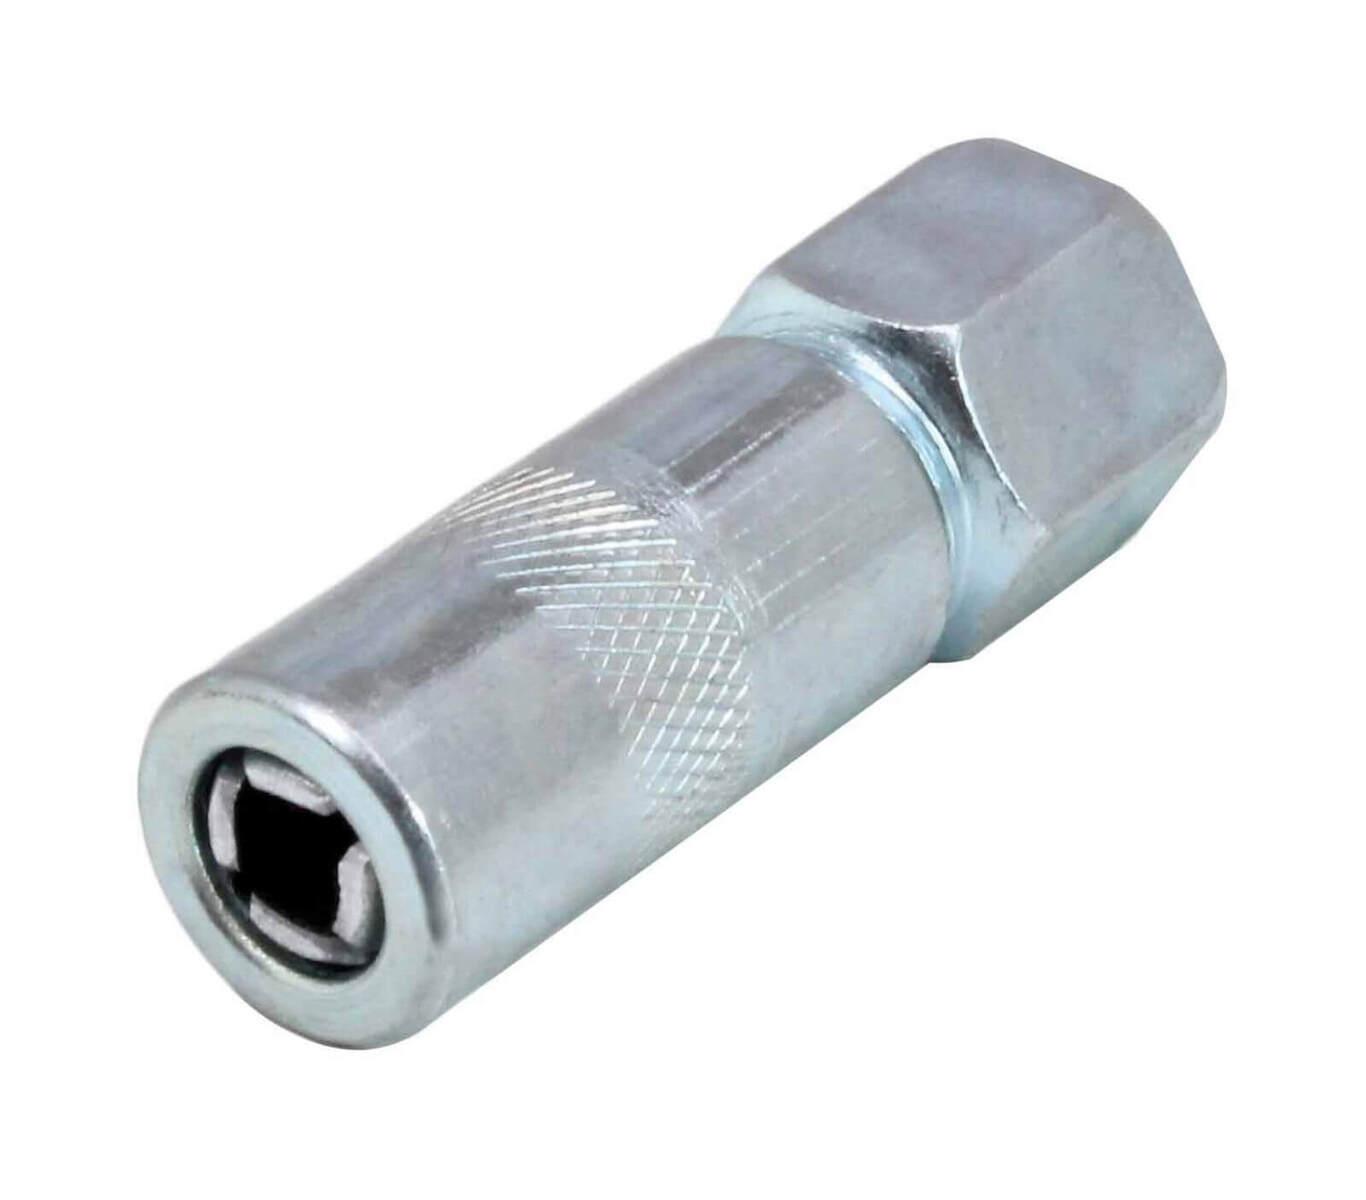 Mazací koncovka pro tlakovou maznici, 4 čelisti, 413 bar - ASTA